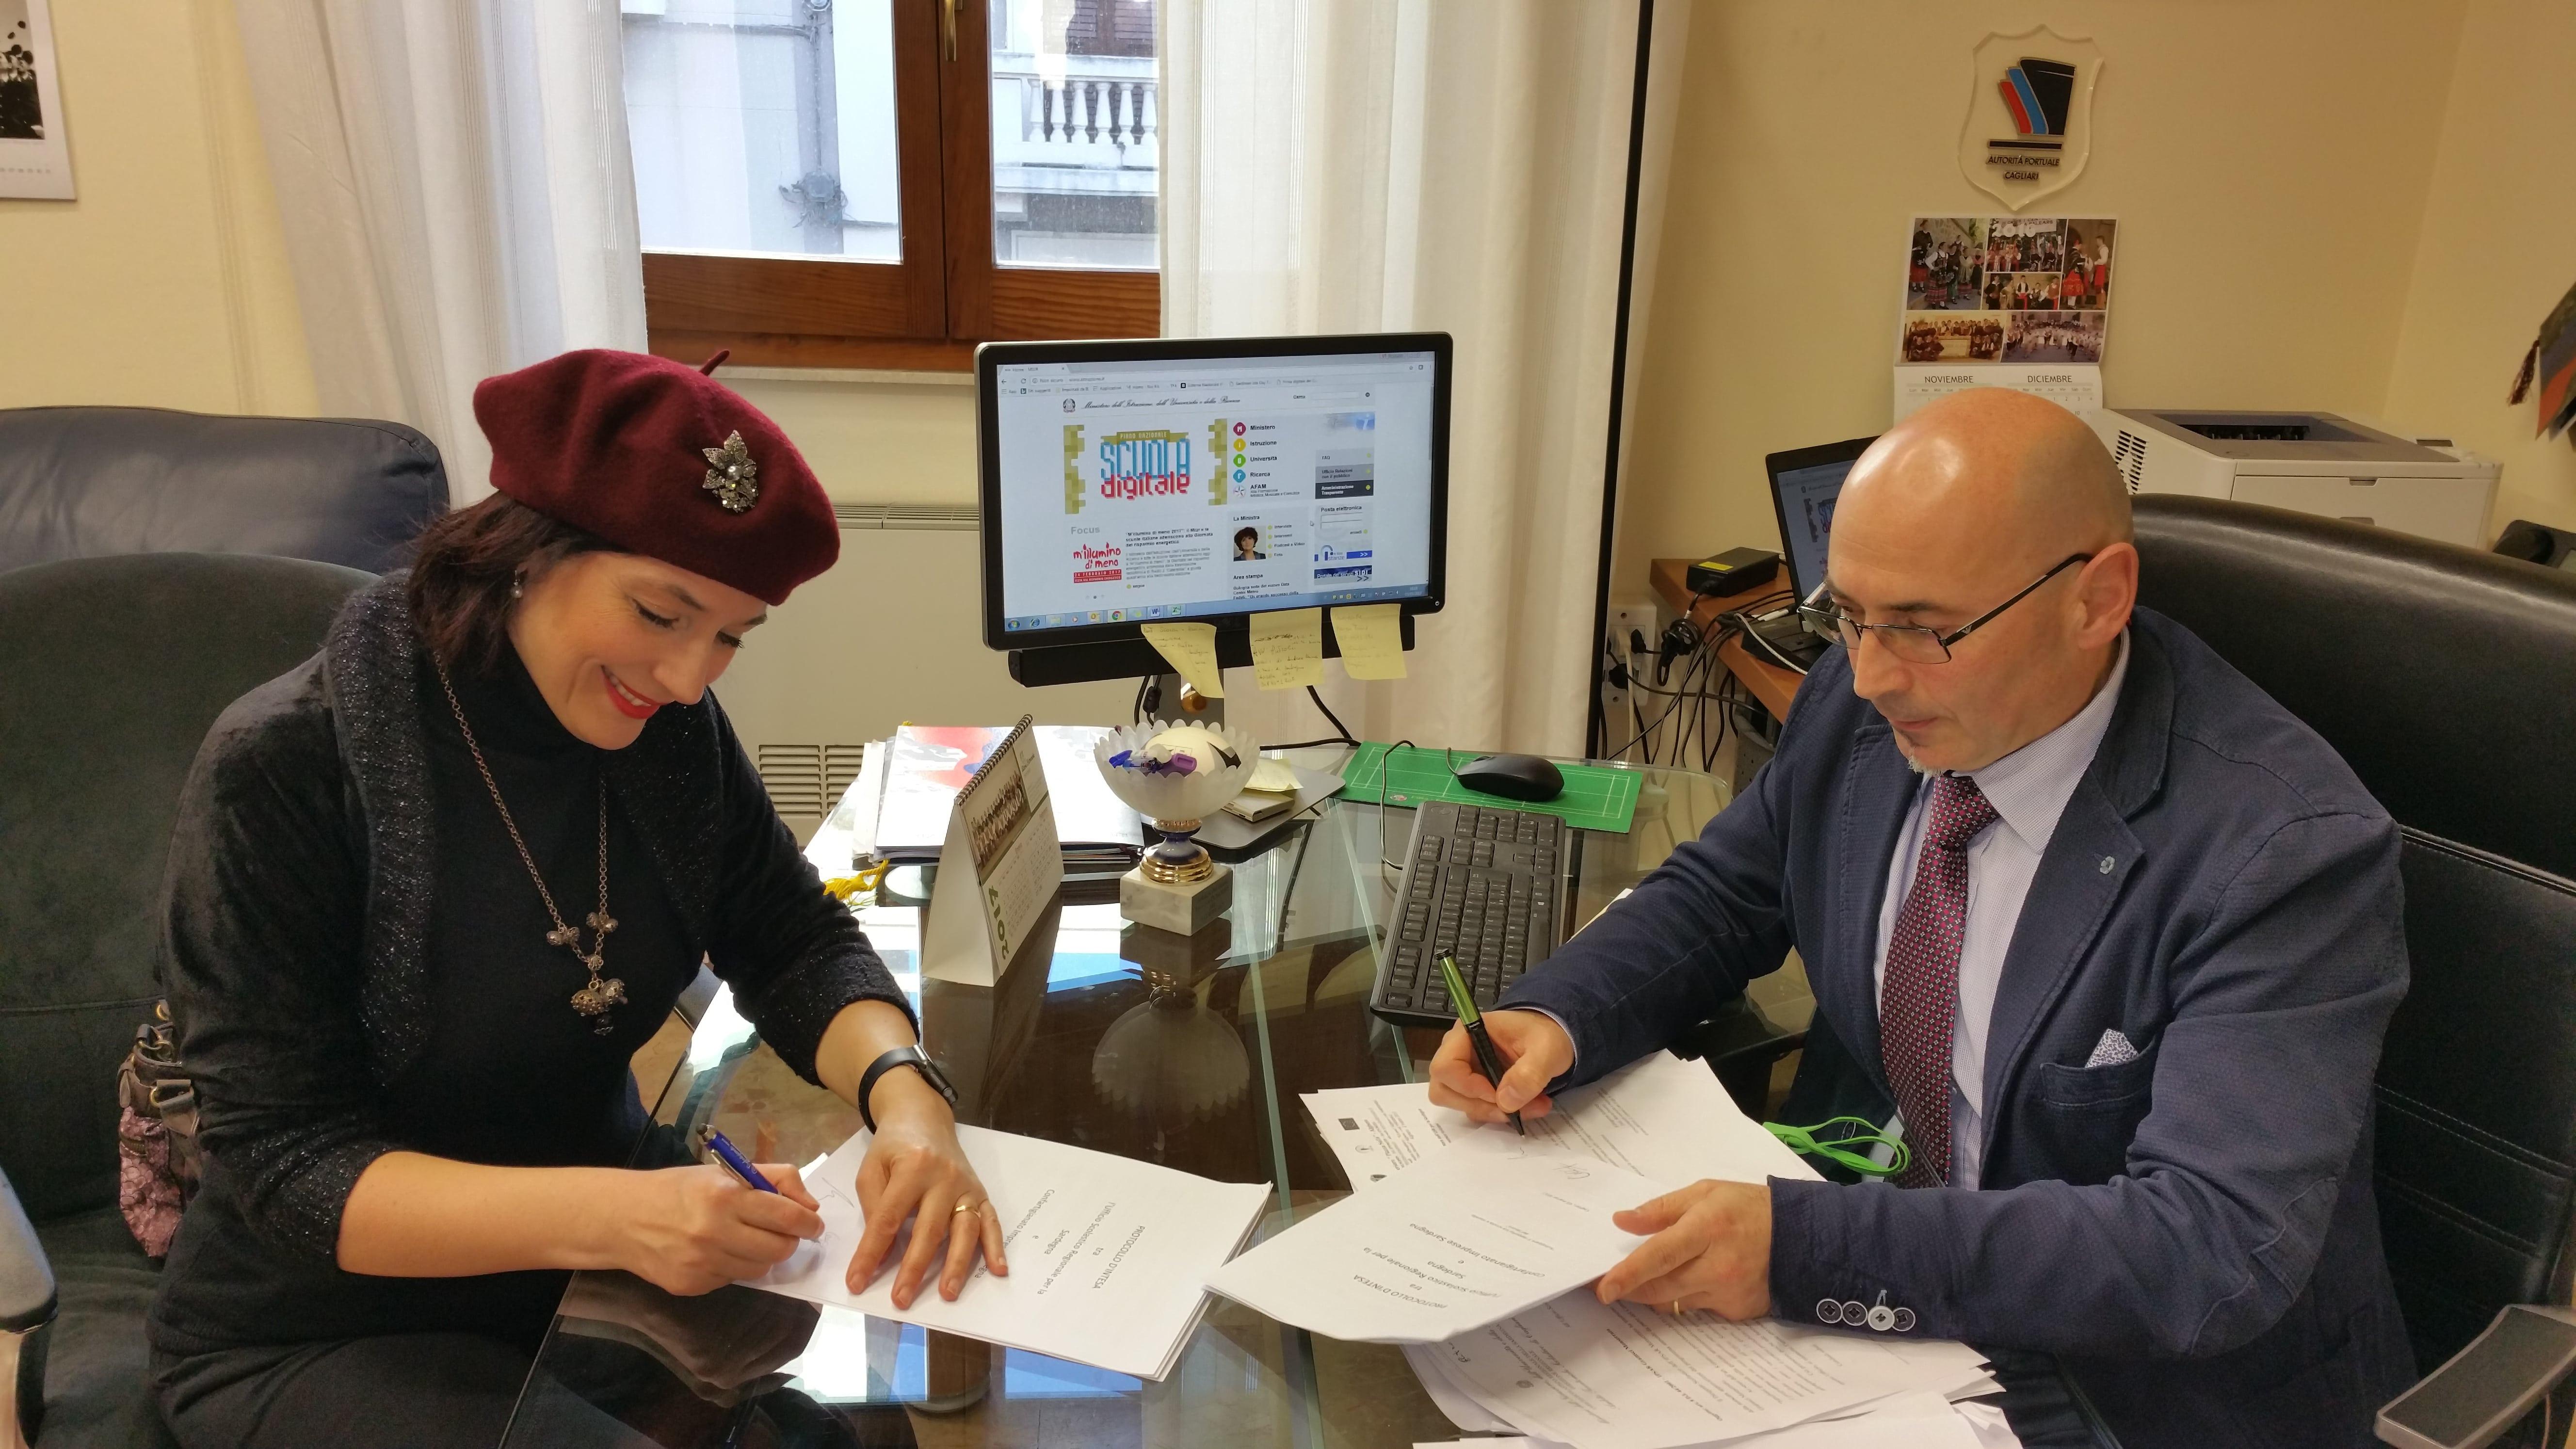 Banco Di Sardegna Lavoro Offerte : Offerte e annunci di lavoro a cagliari kijiji